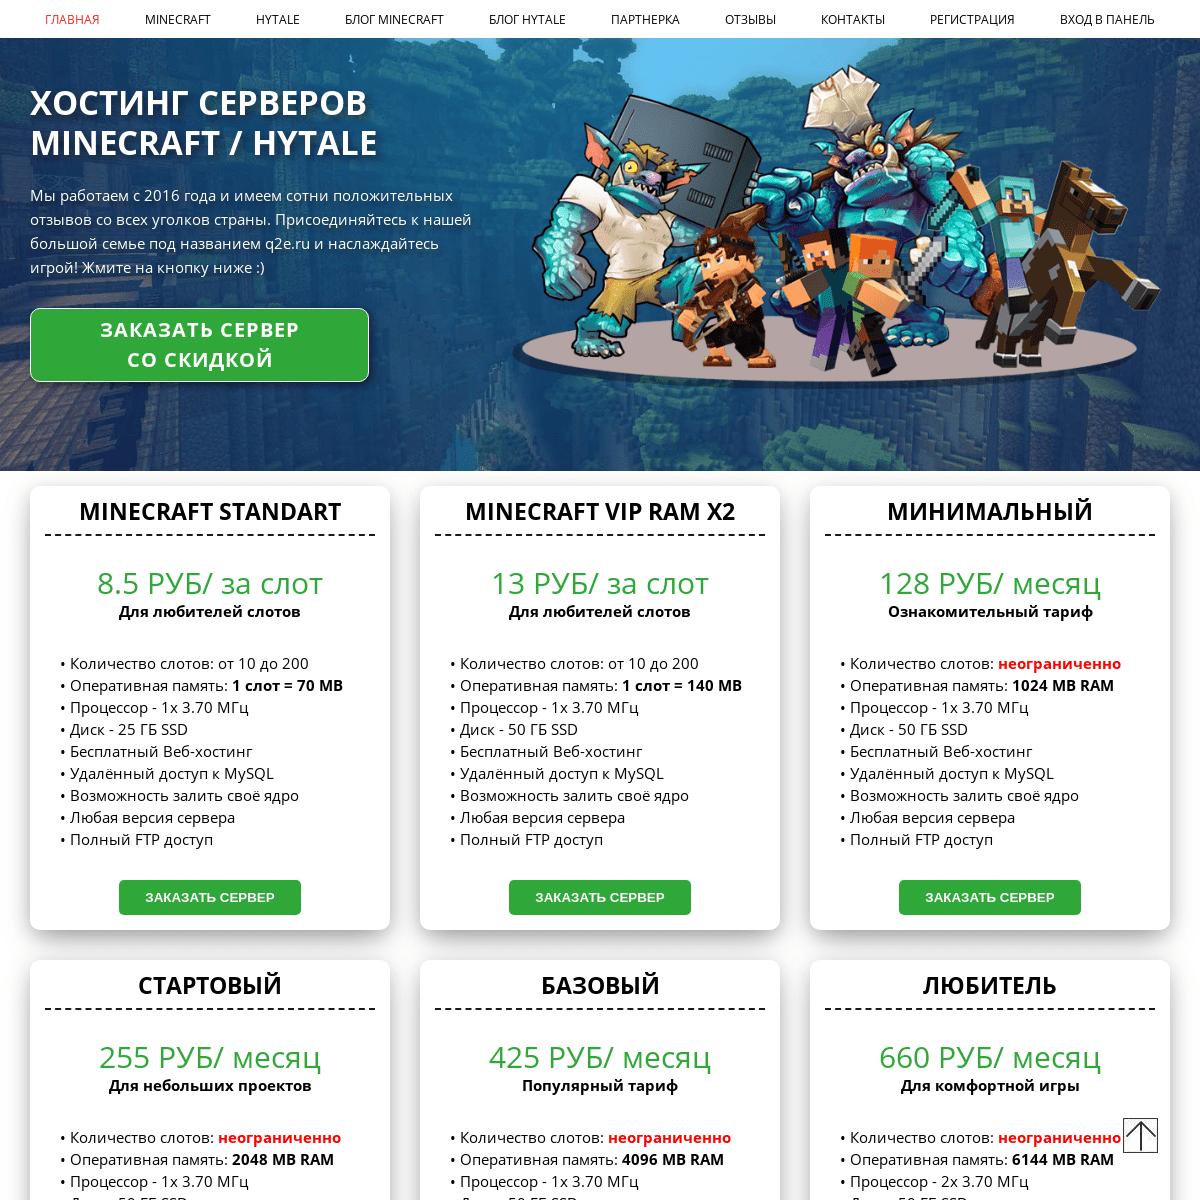 регистрация доменов рф официальный сайт